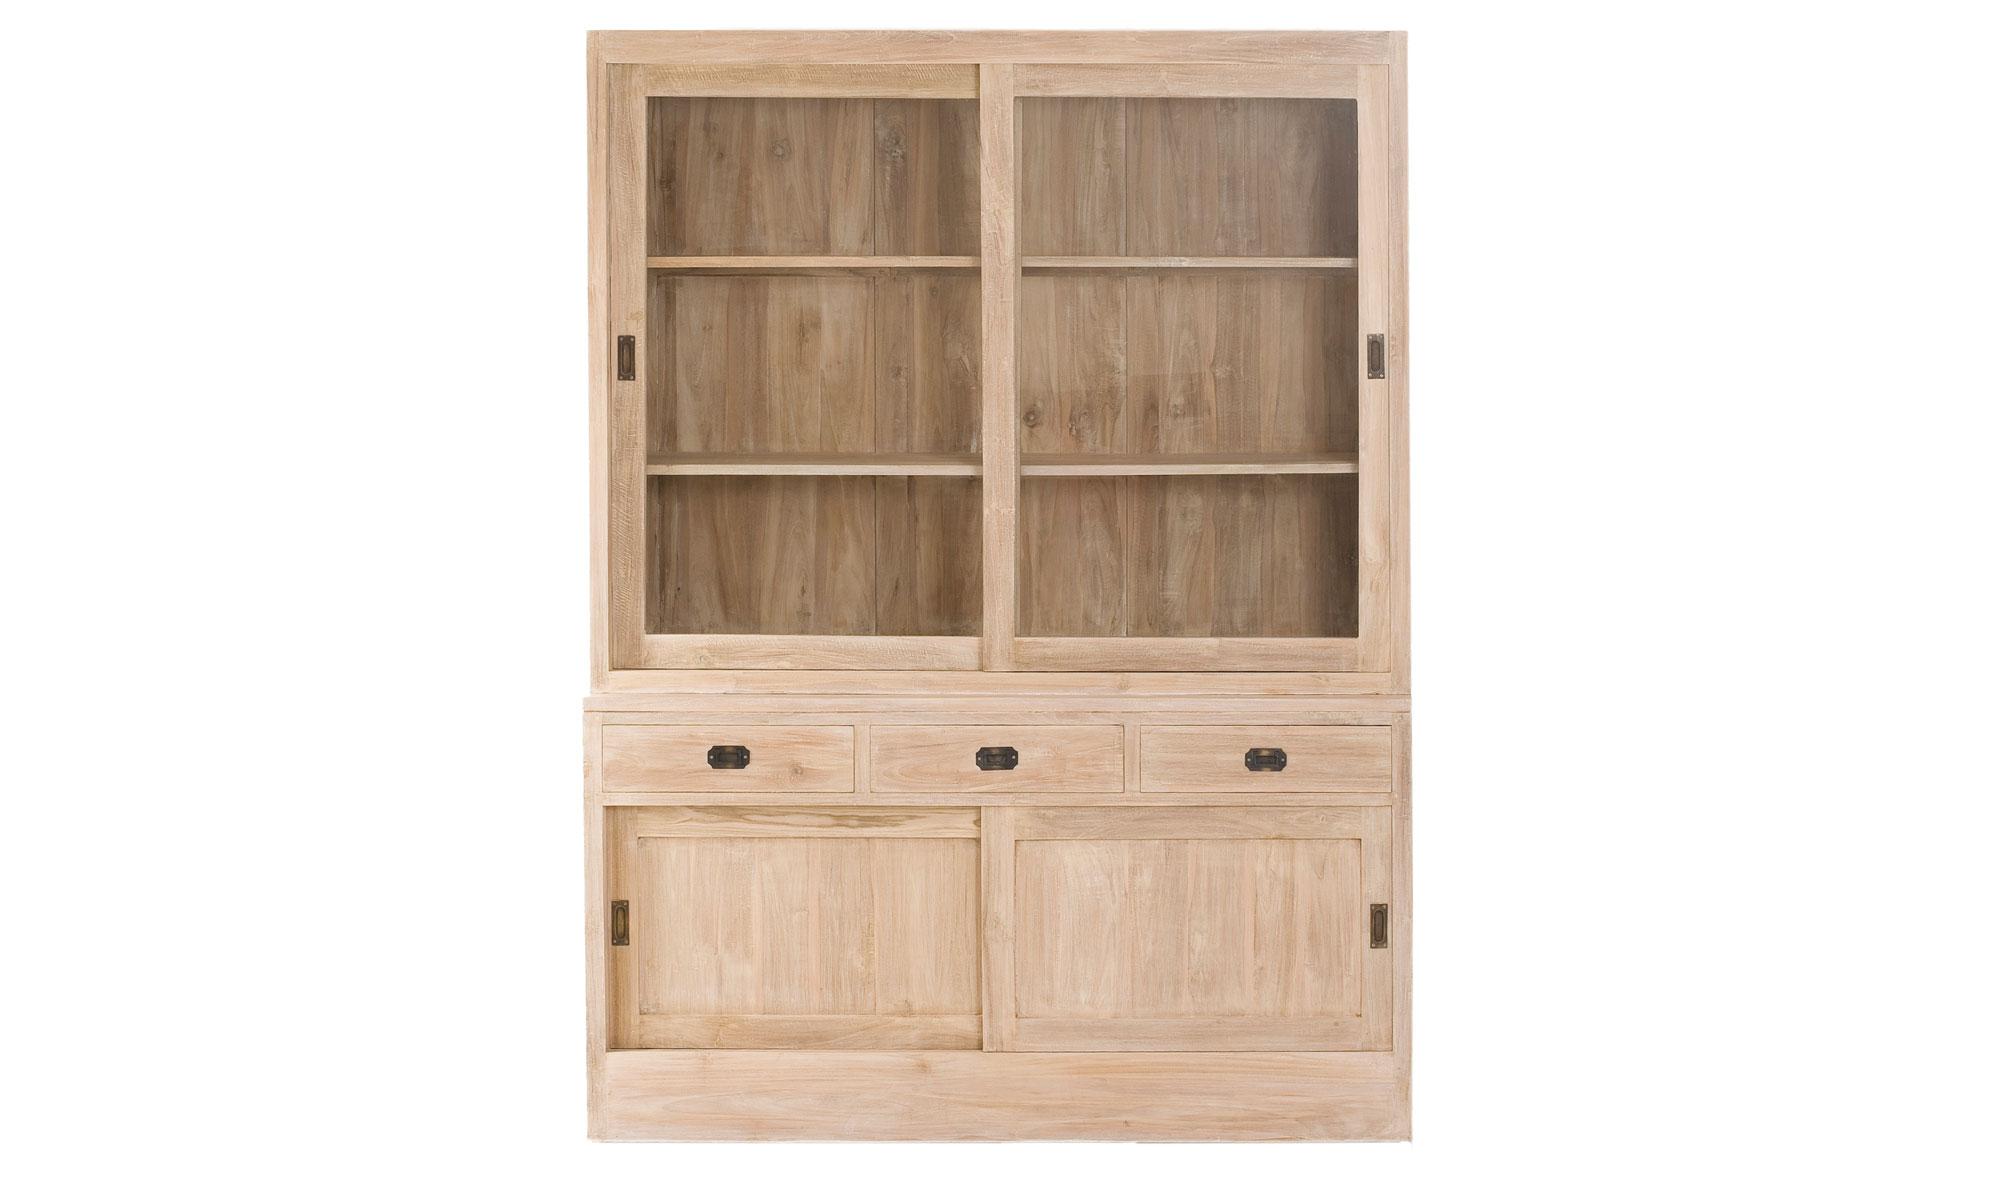 Vitrina 3 cajones colonial madera lavada disponibles en nuestra web